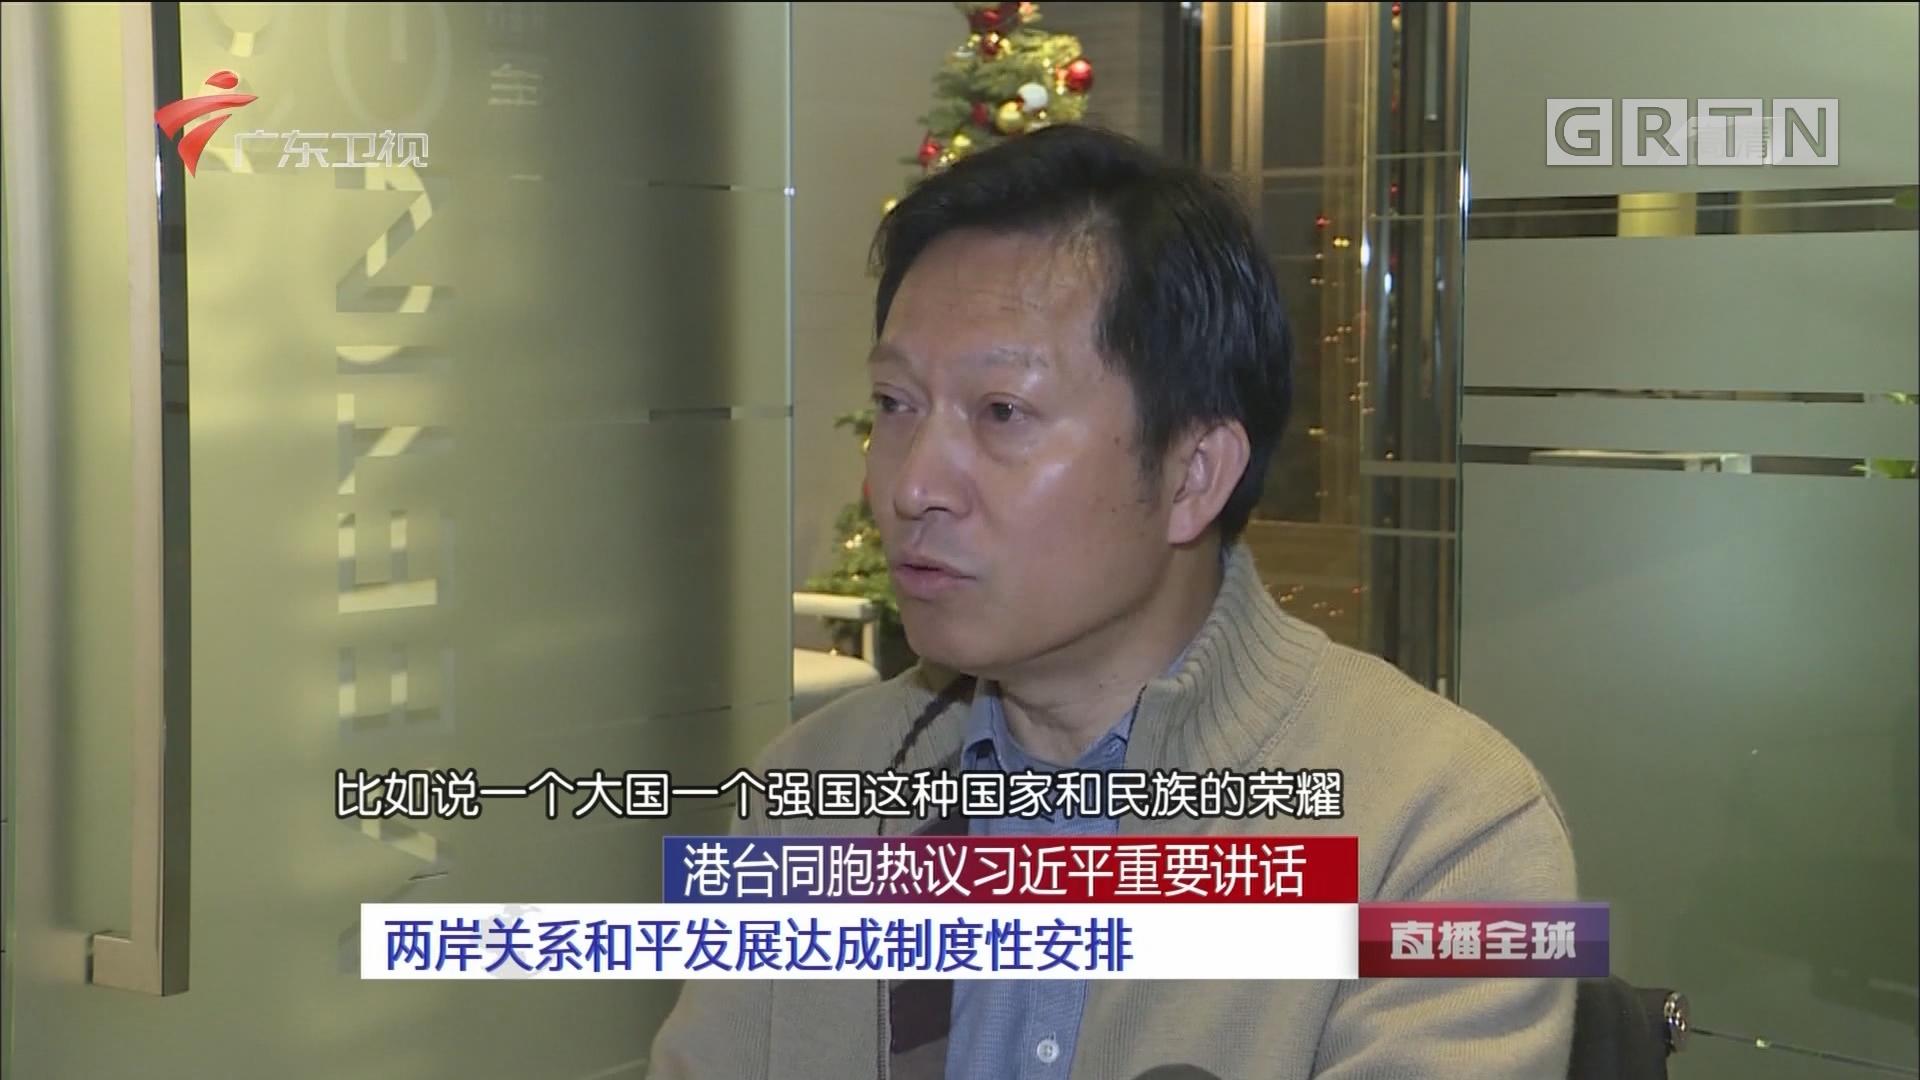 港台同胞热议习近平重要讲话 台湾社会各界:两岸统一是历史大势